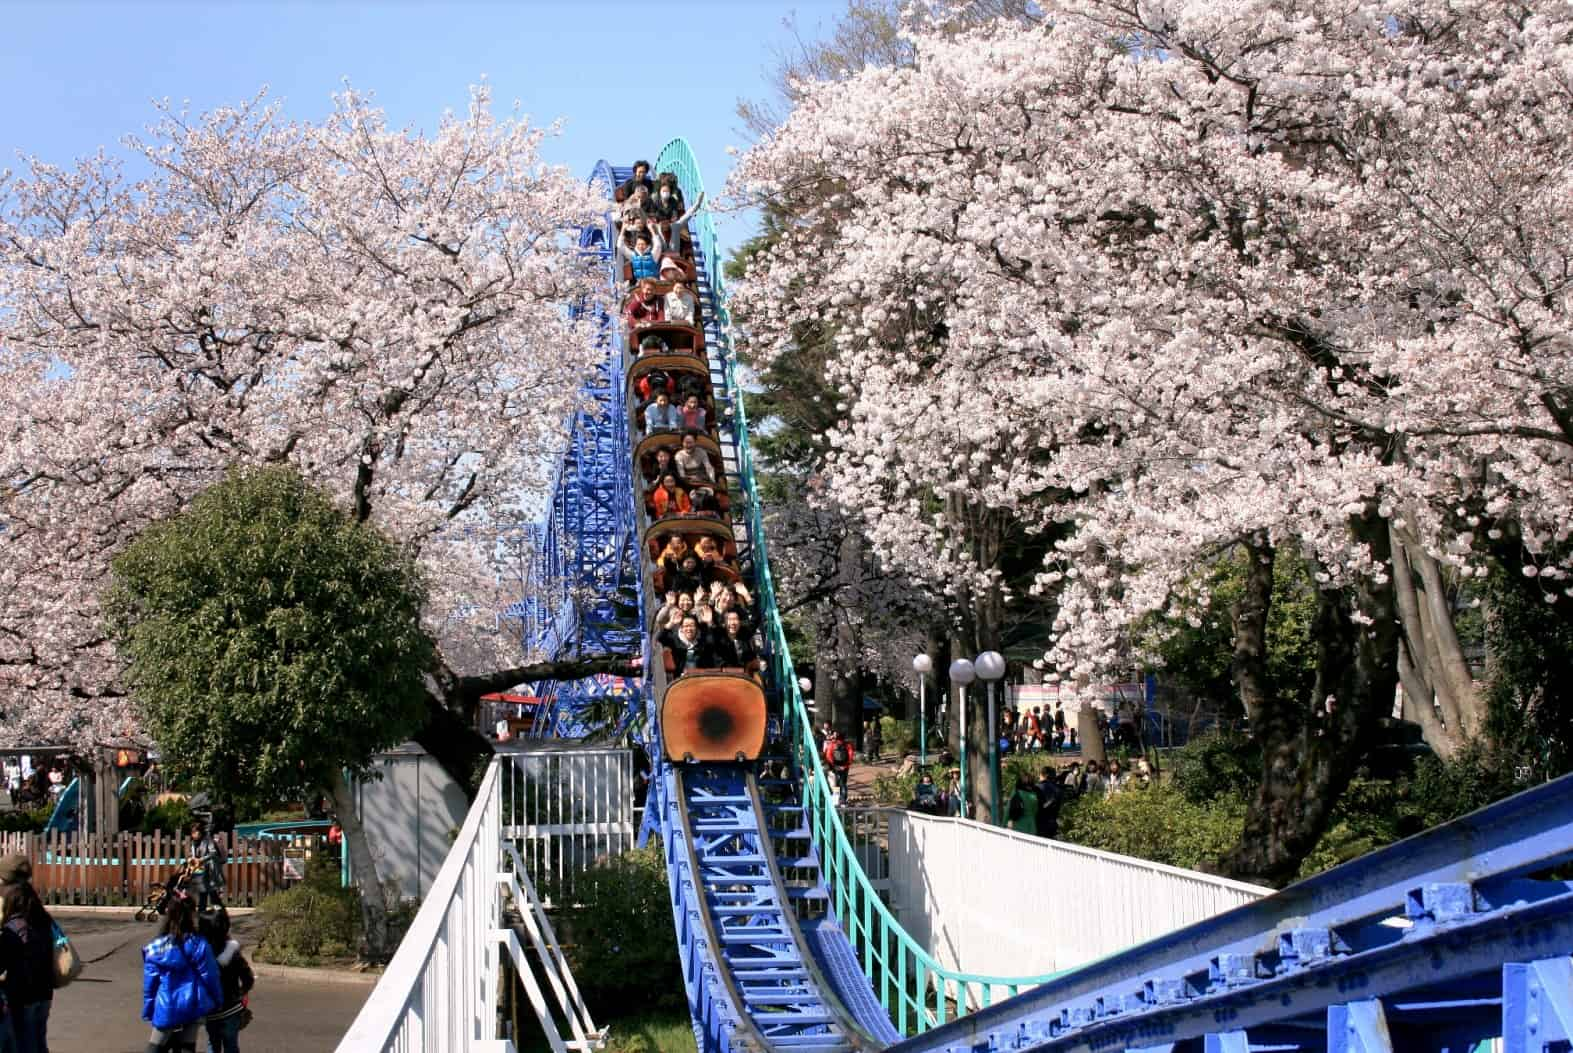 รถไฟเหาะท่ามกลางฤดูใบไม้ผลิในสวนสนุกโทชิมะเอ็น